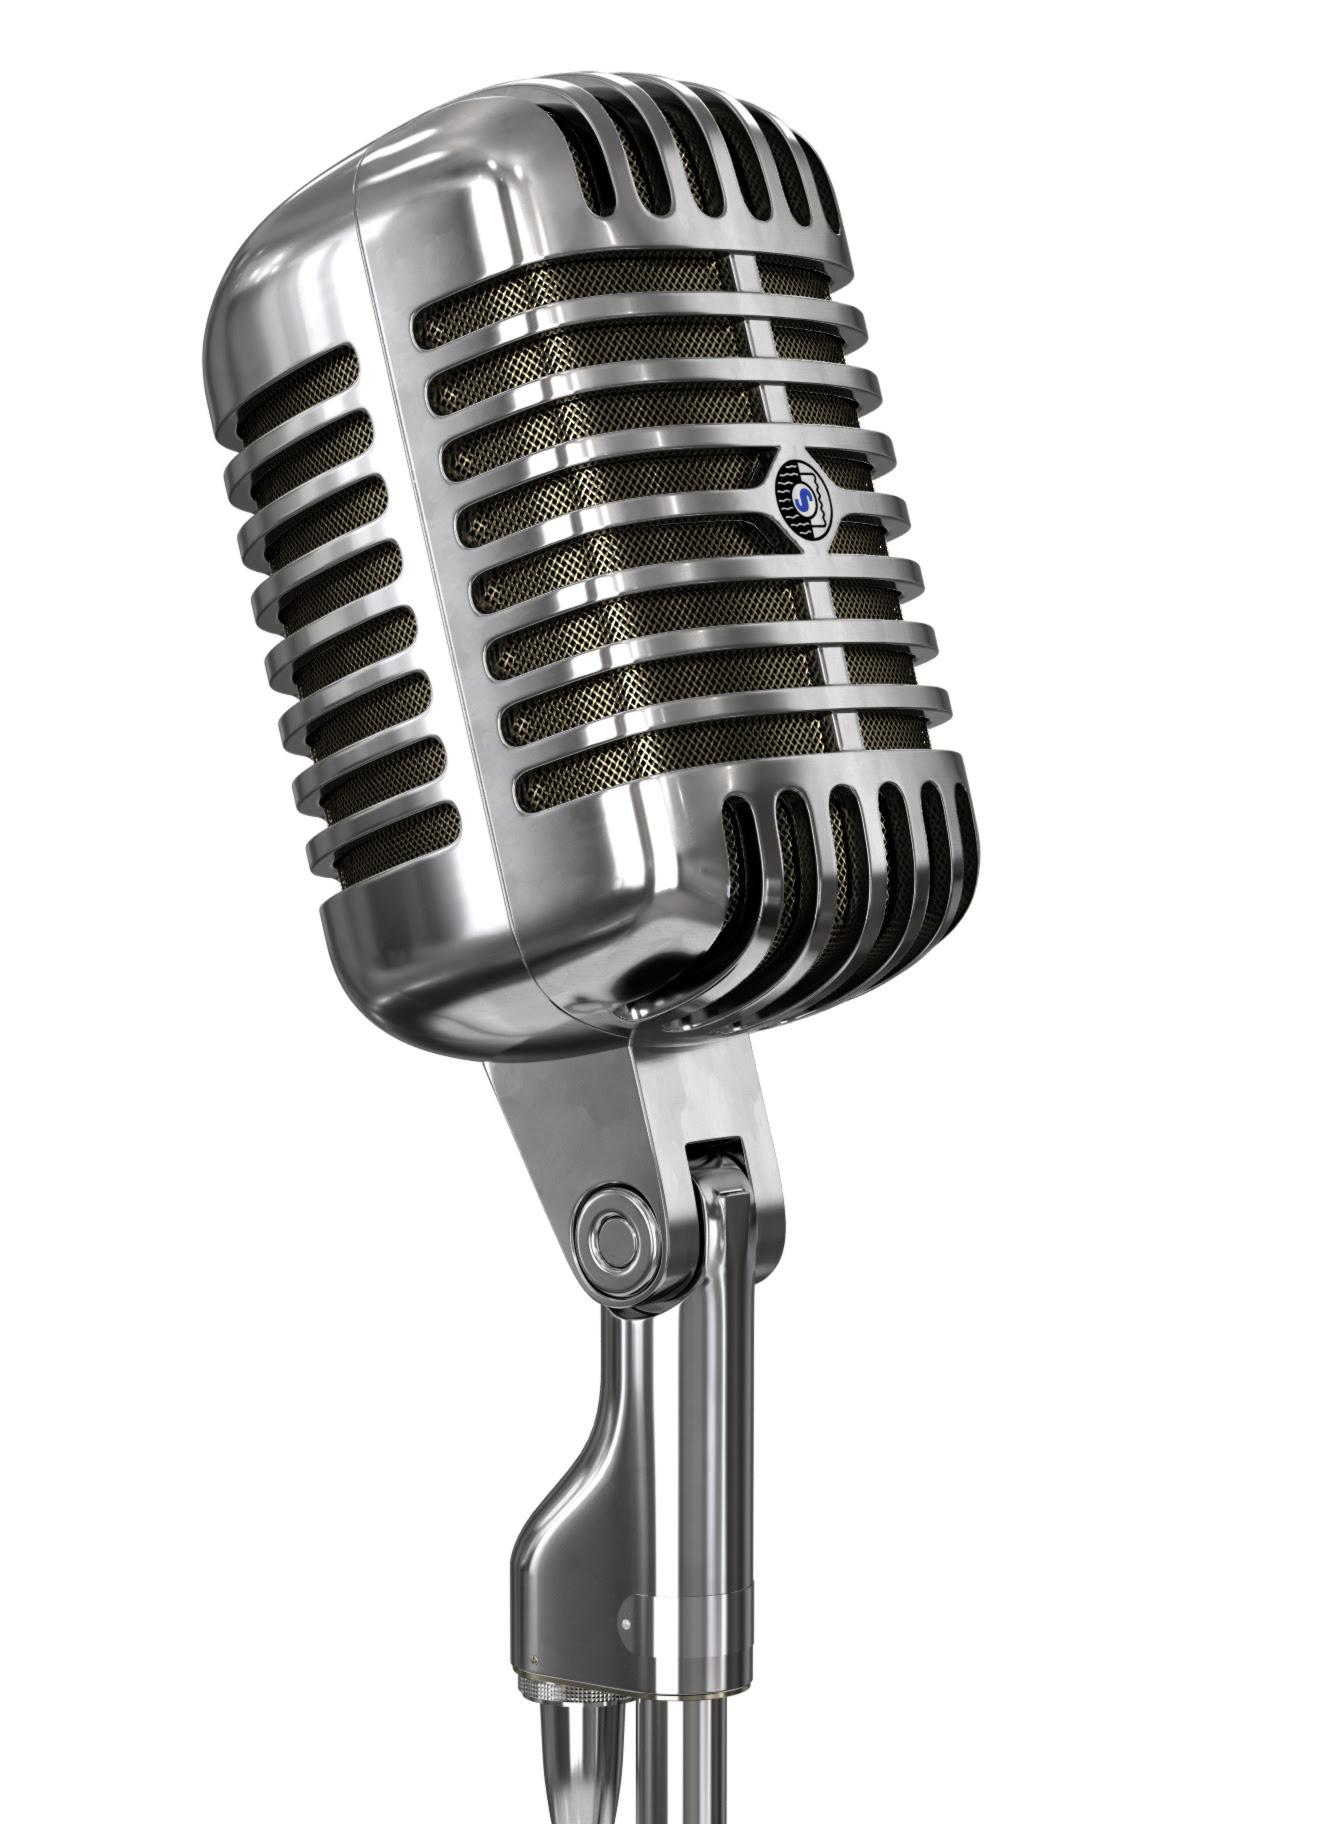 Alat untuk mengatasi had deria pendengaran dan penglihatan mikrofon